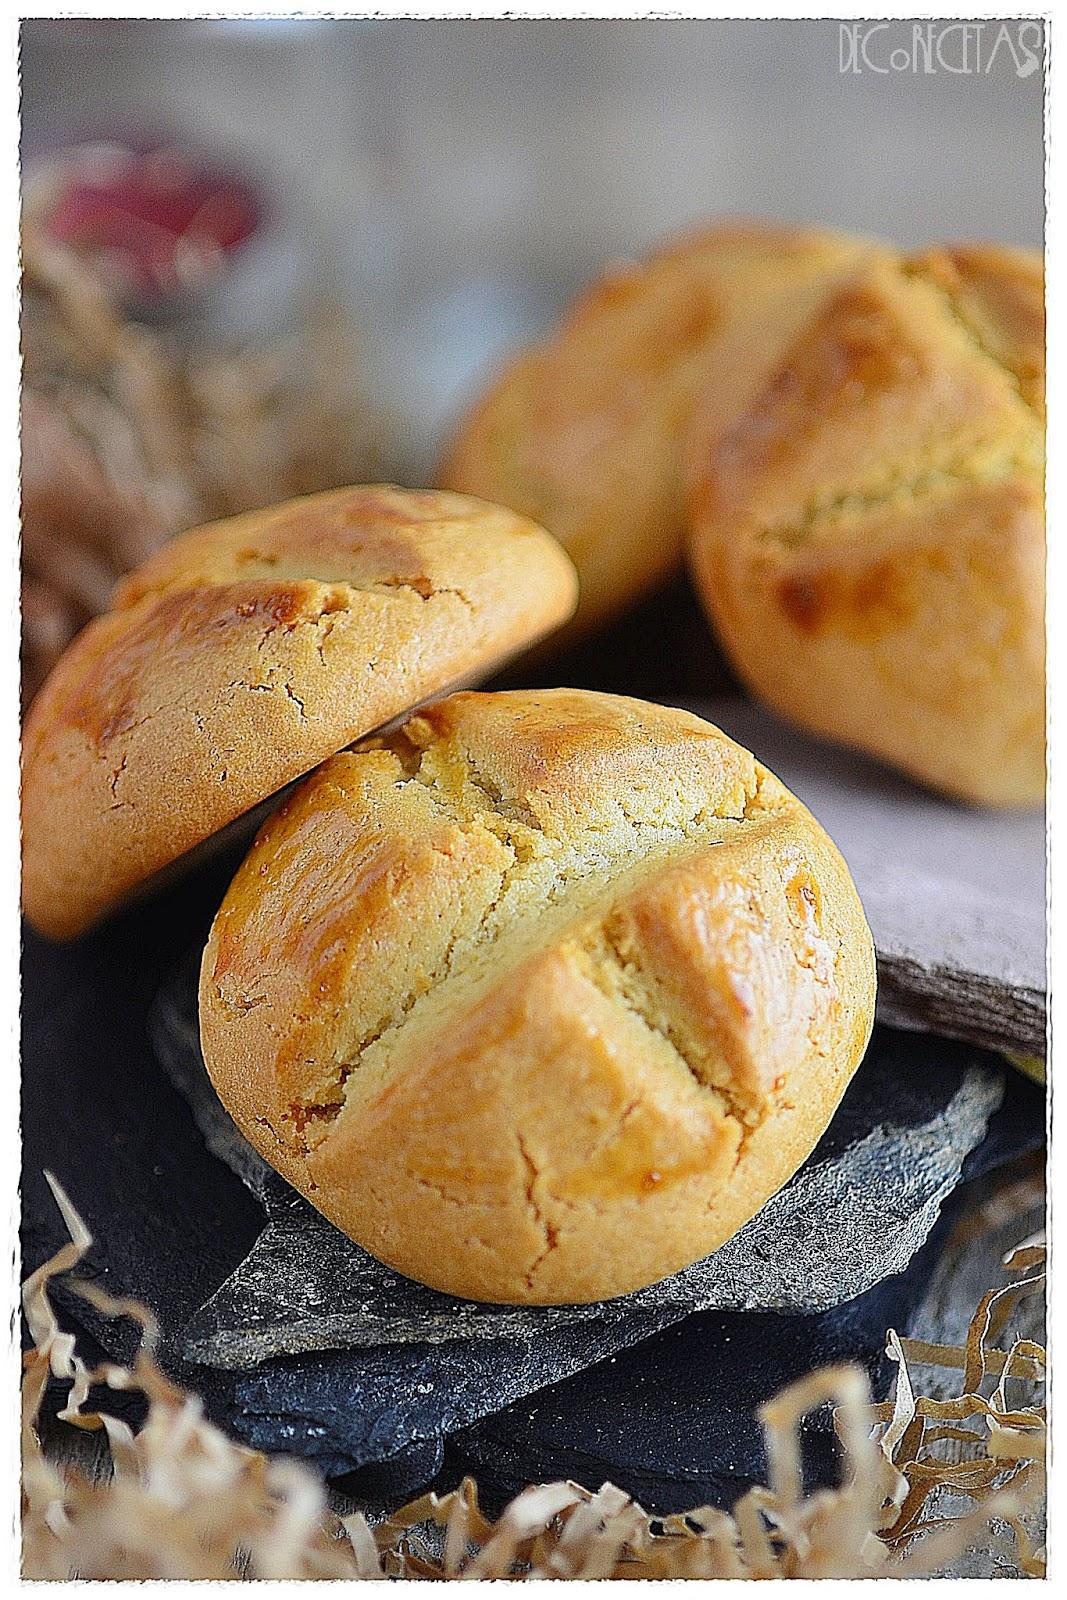 Aceitadas: receta tradicional de las auténticas aceitadas zamoranas caseras